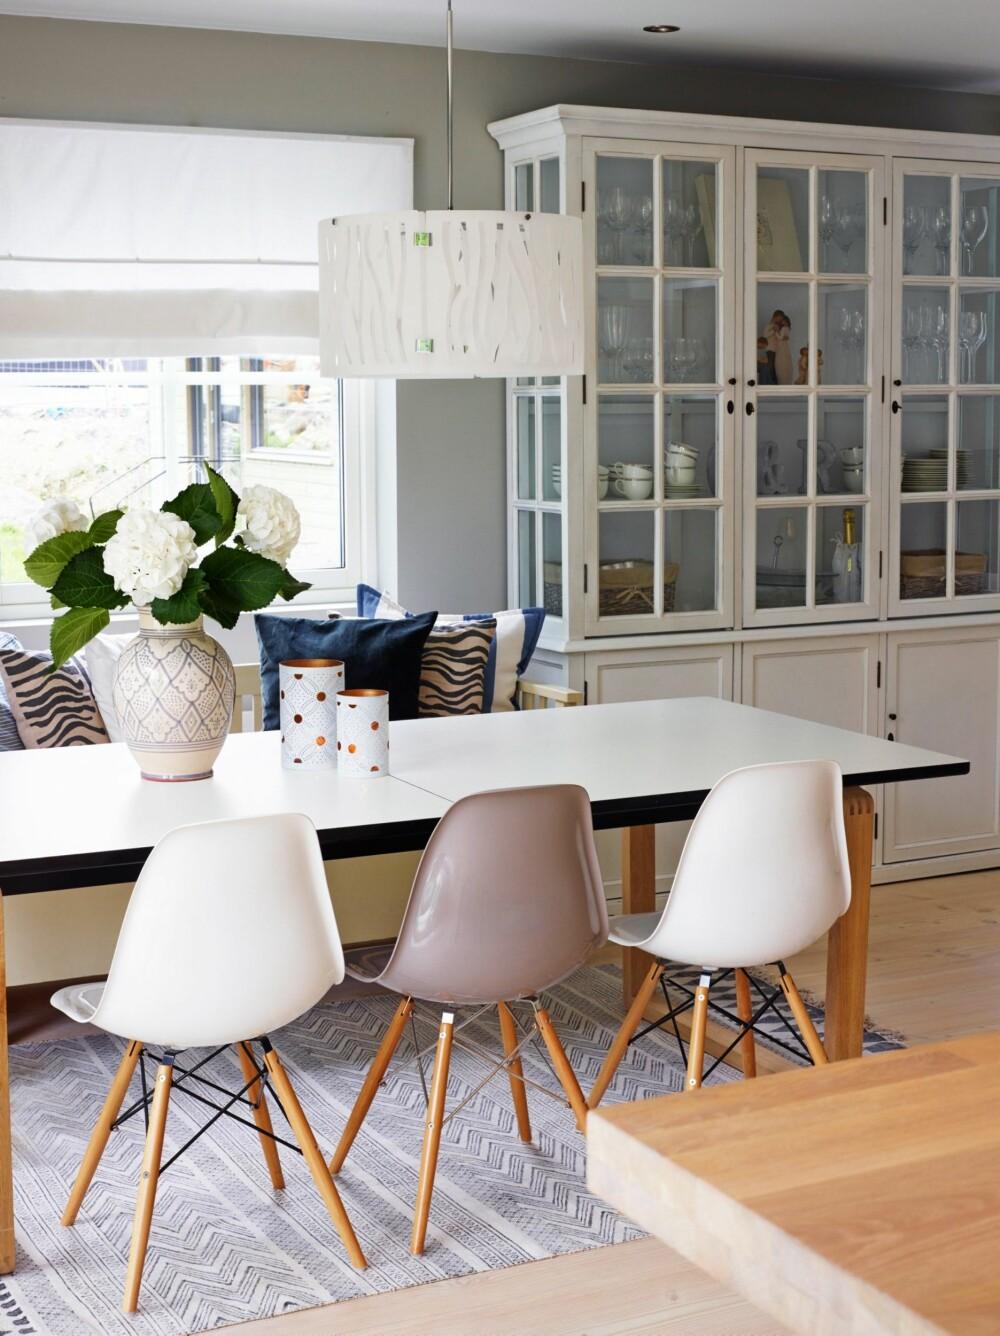 DUS PALETT: Teppet fra House Doctor, taklampen Gras fra Herstal og vitrineskapet fra Home and Cottage skaper en trivelig ramme rundt de stramme spisestuemøblene. Eames-stolene er kjøpt fra England, mens spisebordet er fra Bolia. Den marokkanskinspirerte vasen er fra TineKHome.